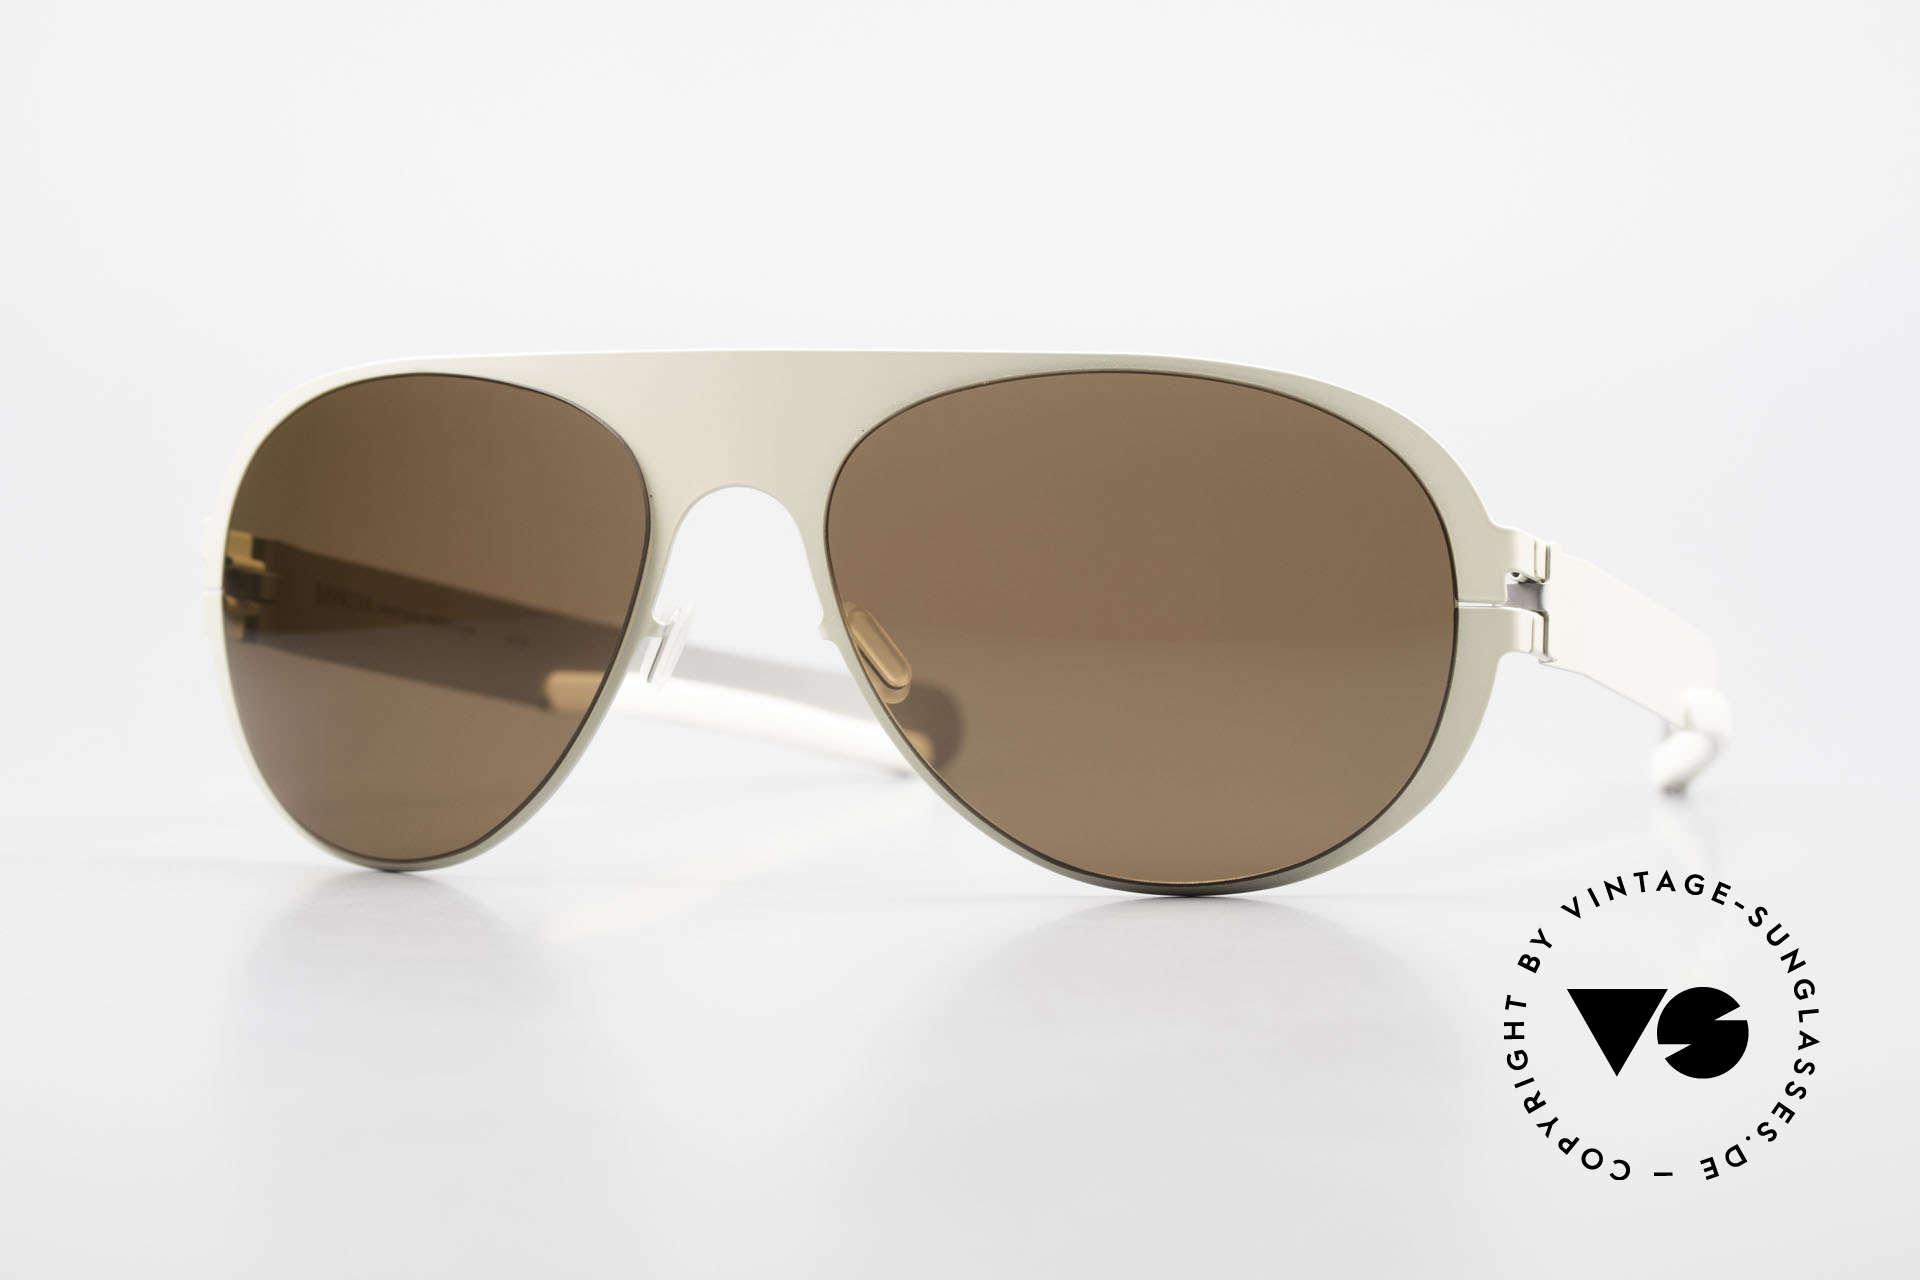 Mykita Winston Limited Designer Sunglasses, LIMITED vintage Mykita designer sunglasses from 2011, Made for Men